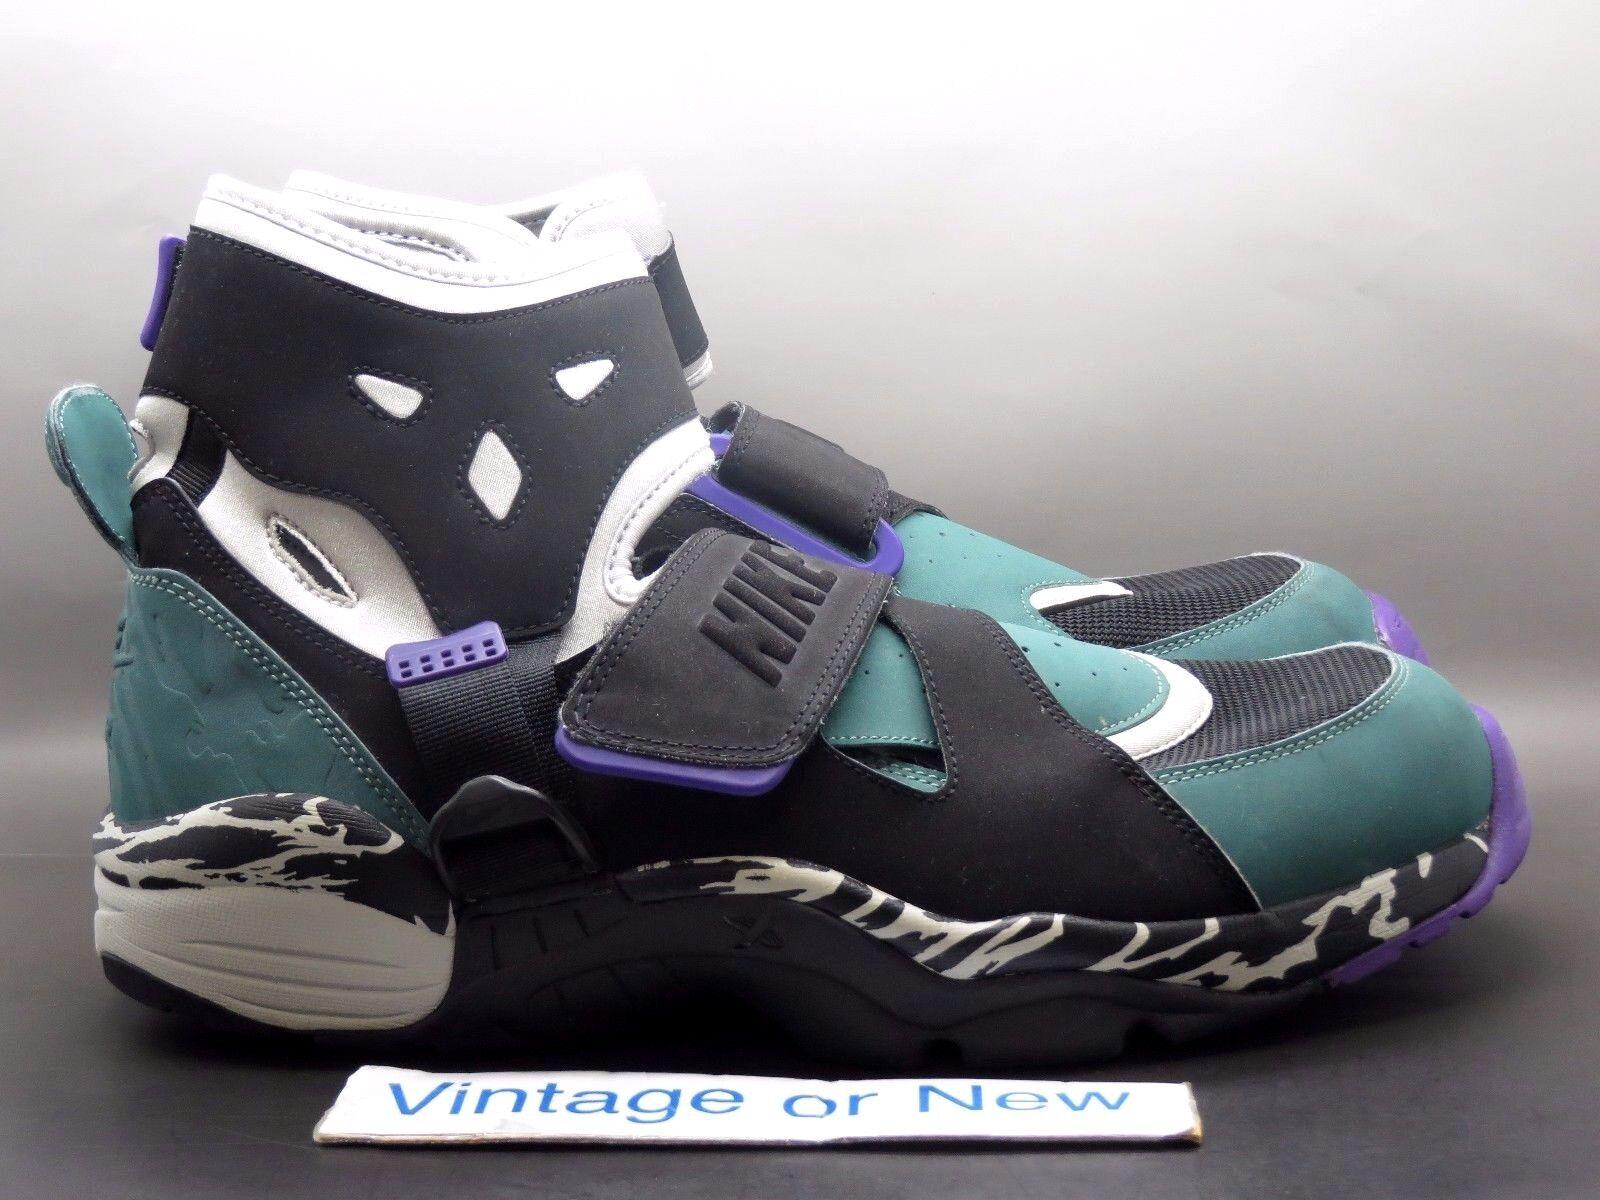 Nike gris Air Carnivore luz Zen gris Nike oxidado negro verde zapatos casuales de reducción de precios salvaje 2018 ce4001